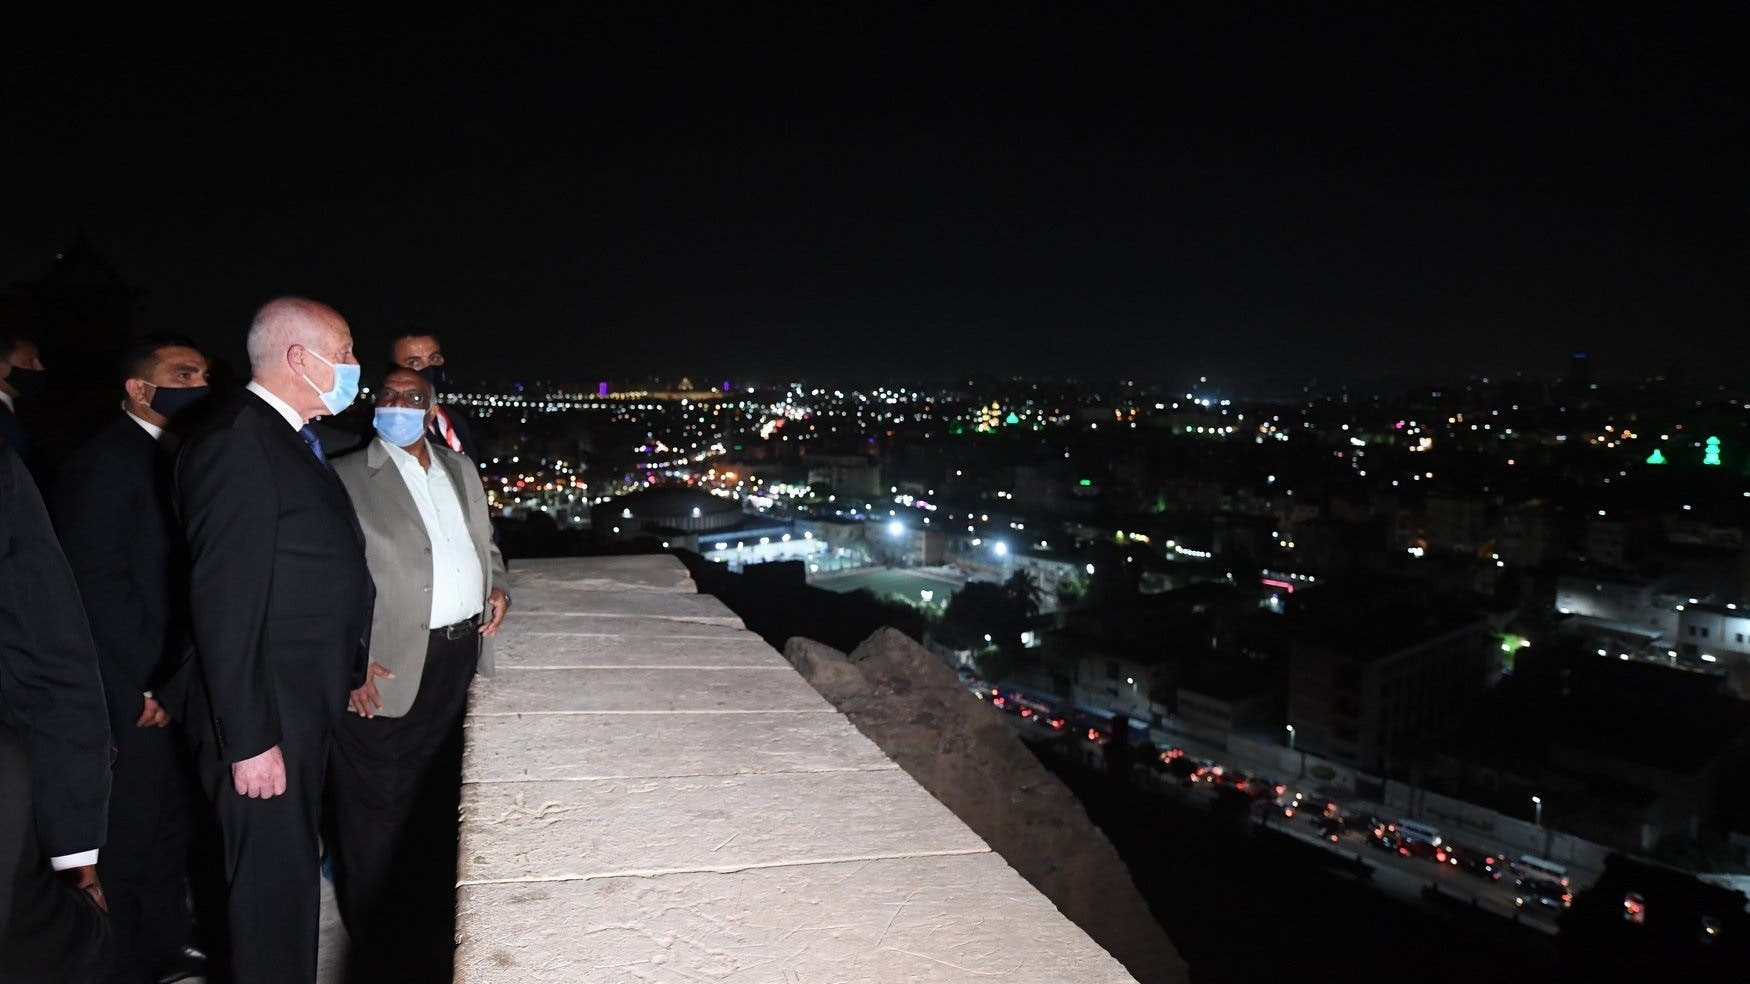 الرئيس التونسي في جولة القاهرة